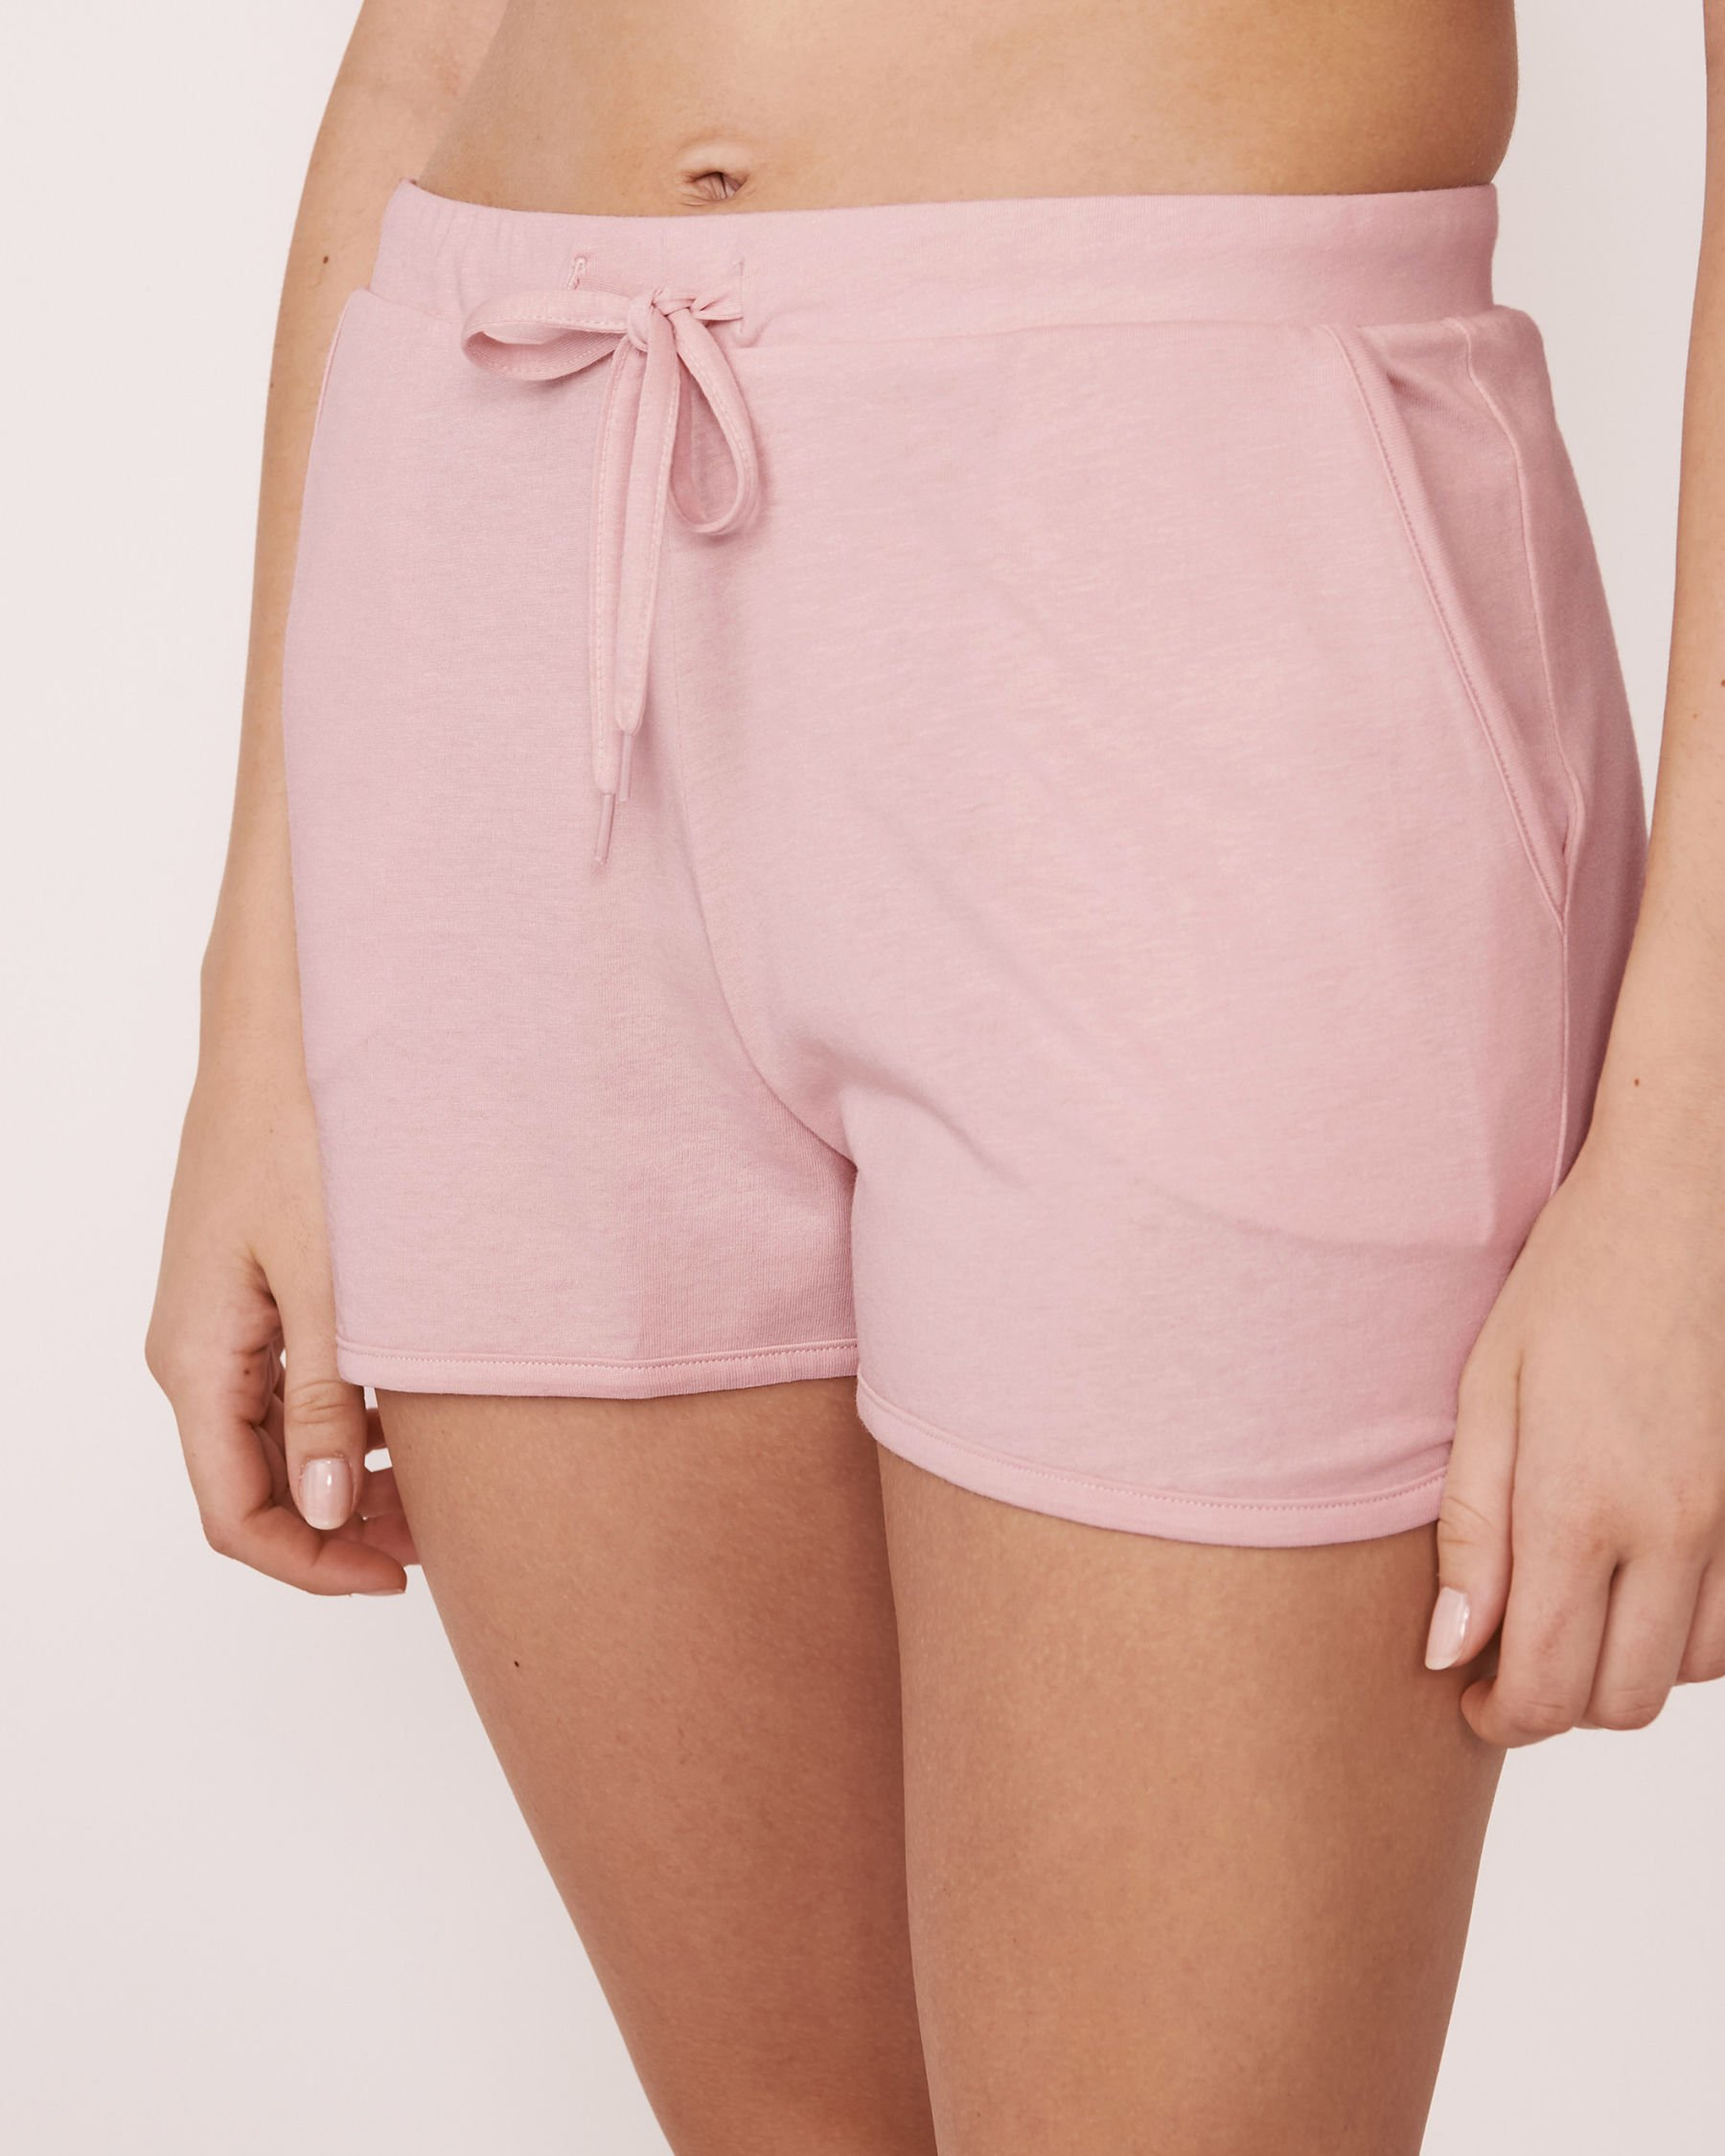 LA VIE EN ROSE Short à poches Lilas pâle 770-317-0-11 - Voir1